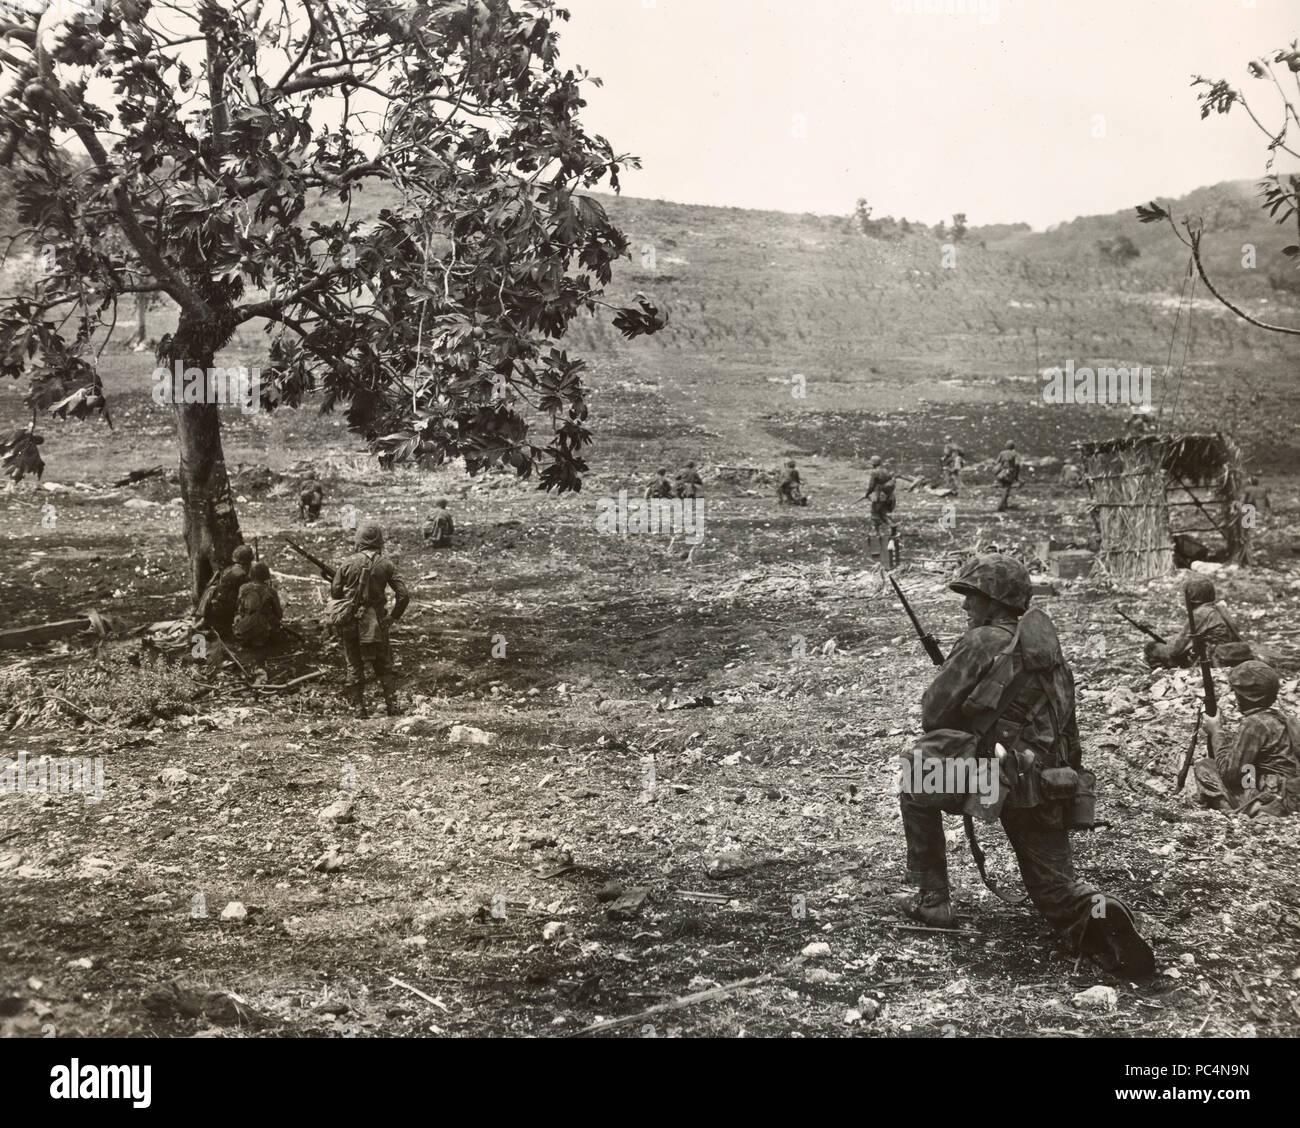 Marines on Saipan battle Japanese in open terrain Stock Photo - Alamy